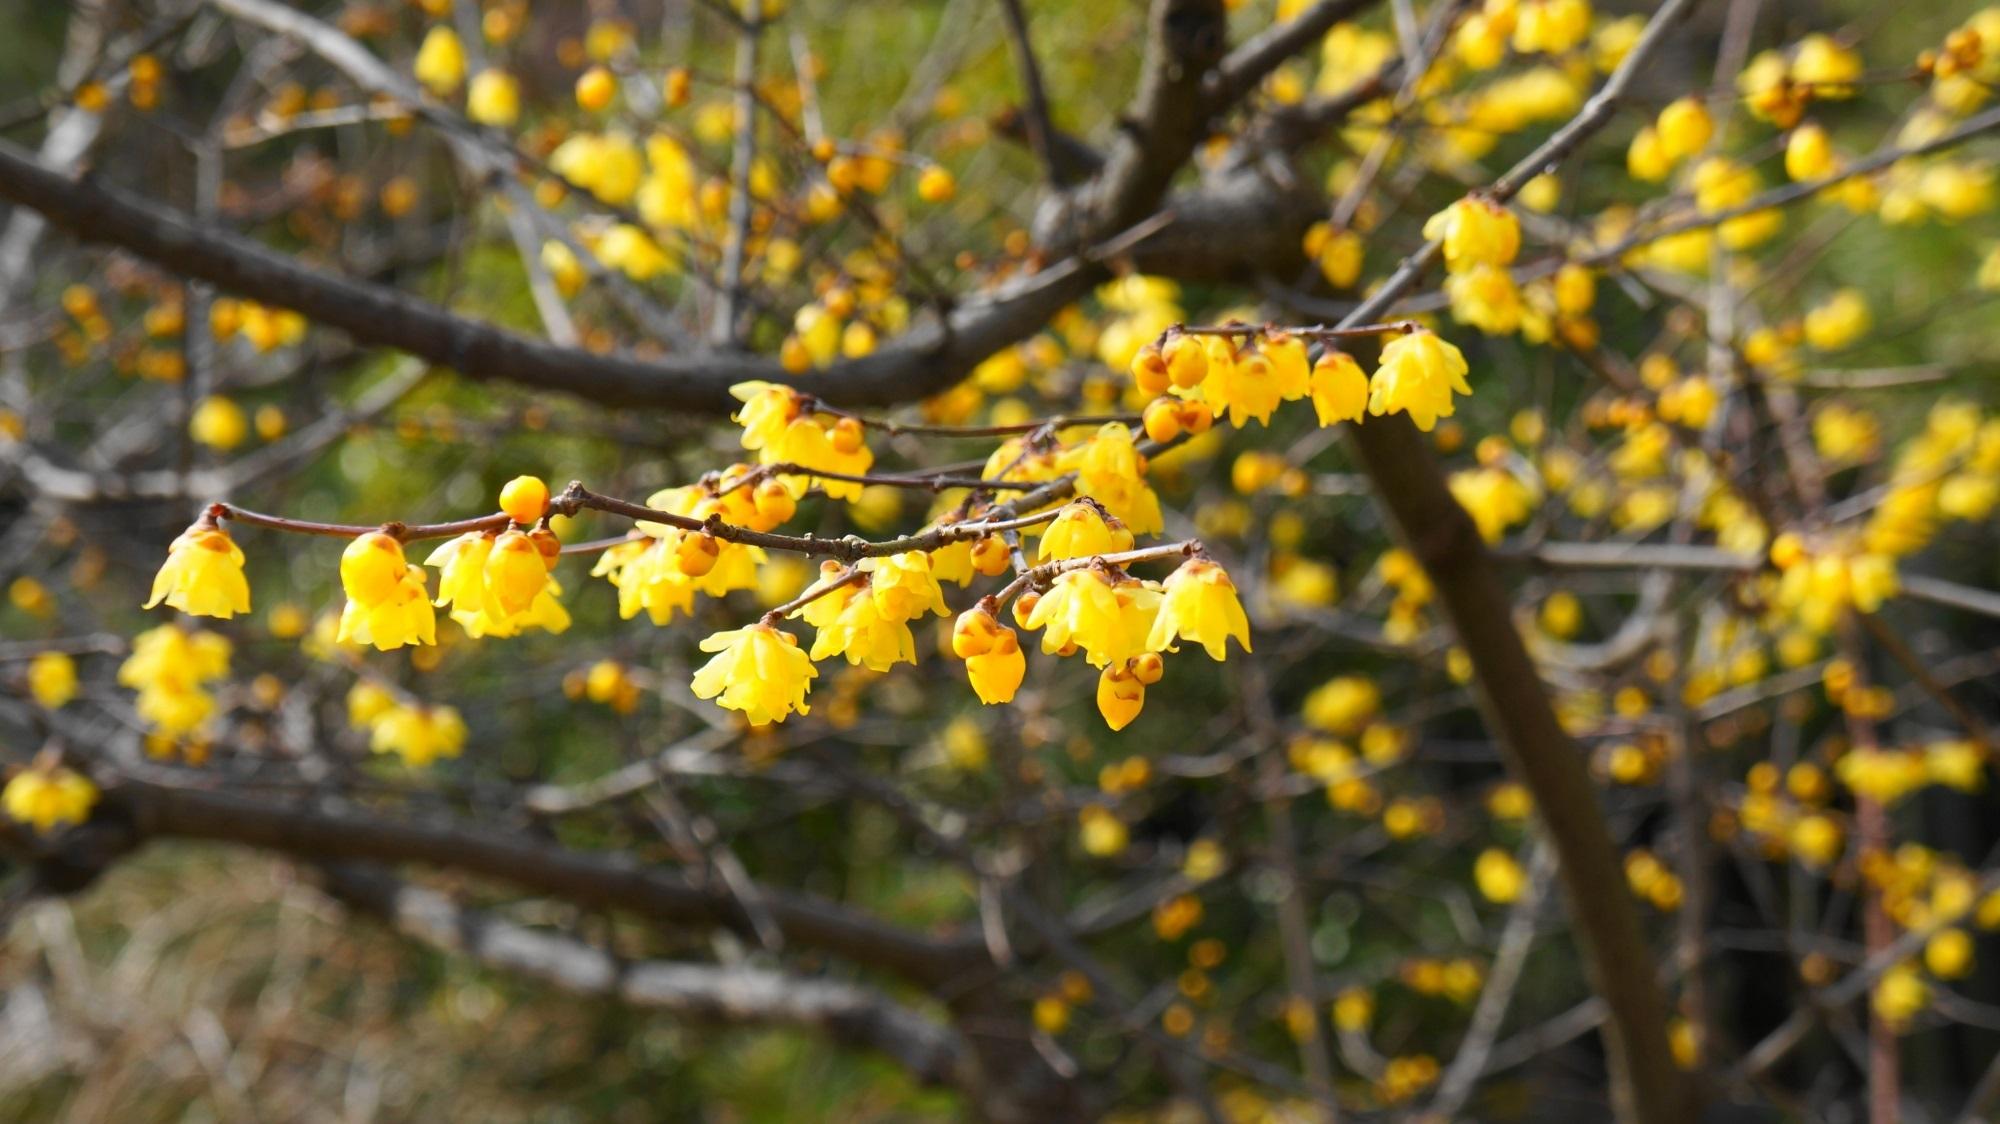 天龍寺 ロウバイ・椿・サザンカ 冬の華やかな彩り